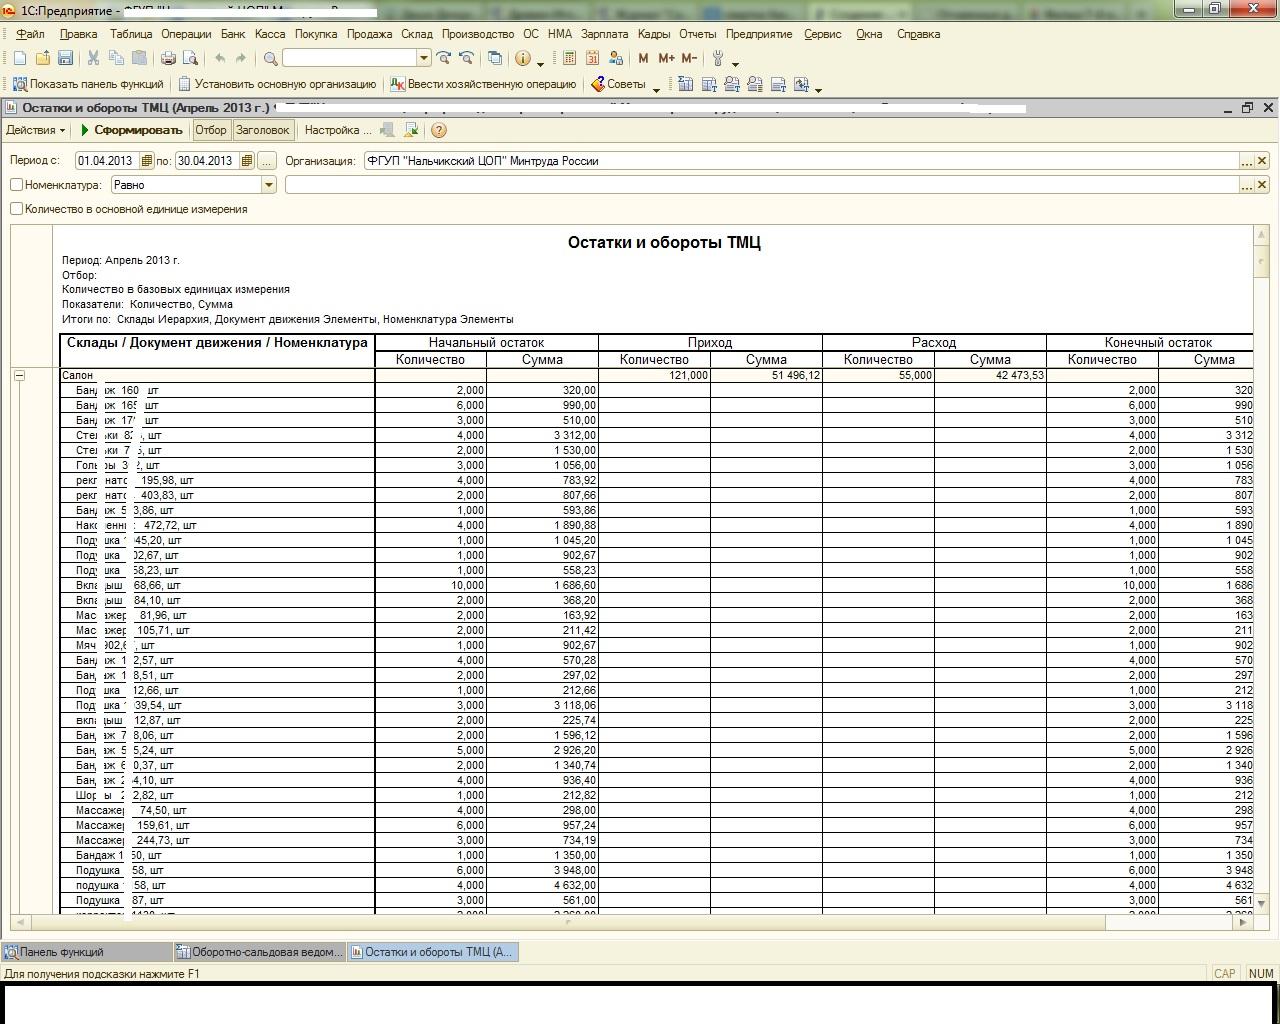 Складской учет в Excel программа без макросов и 91